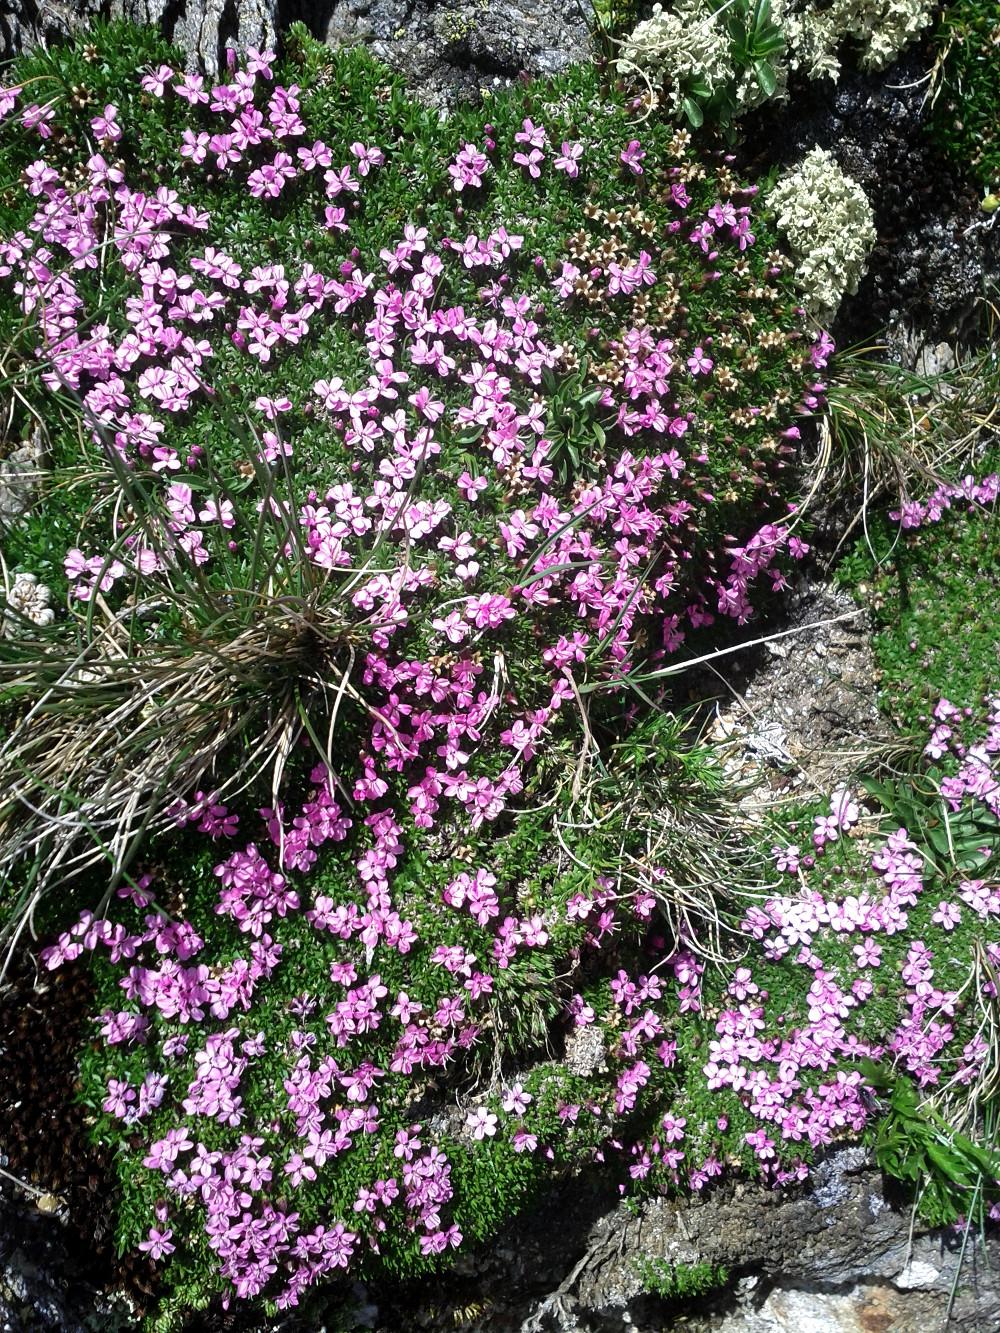 Pink alpine flowers at Birnlücken, Hohe Tauern